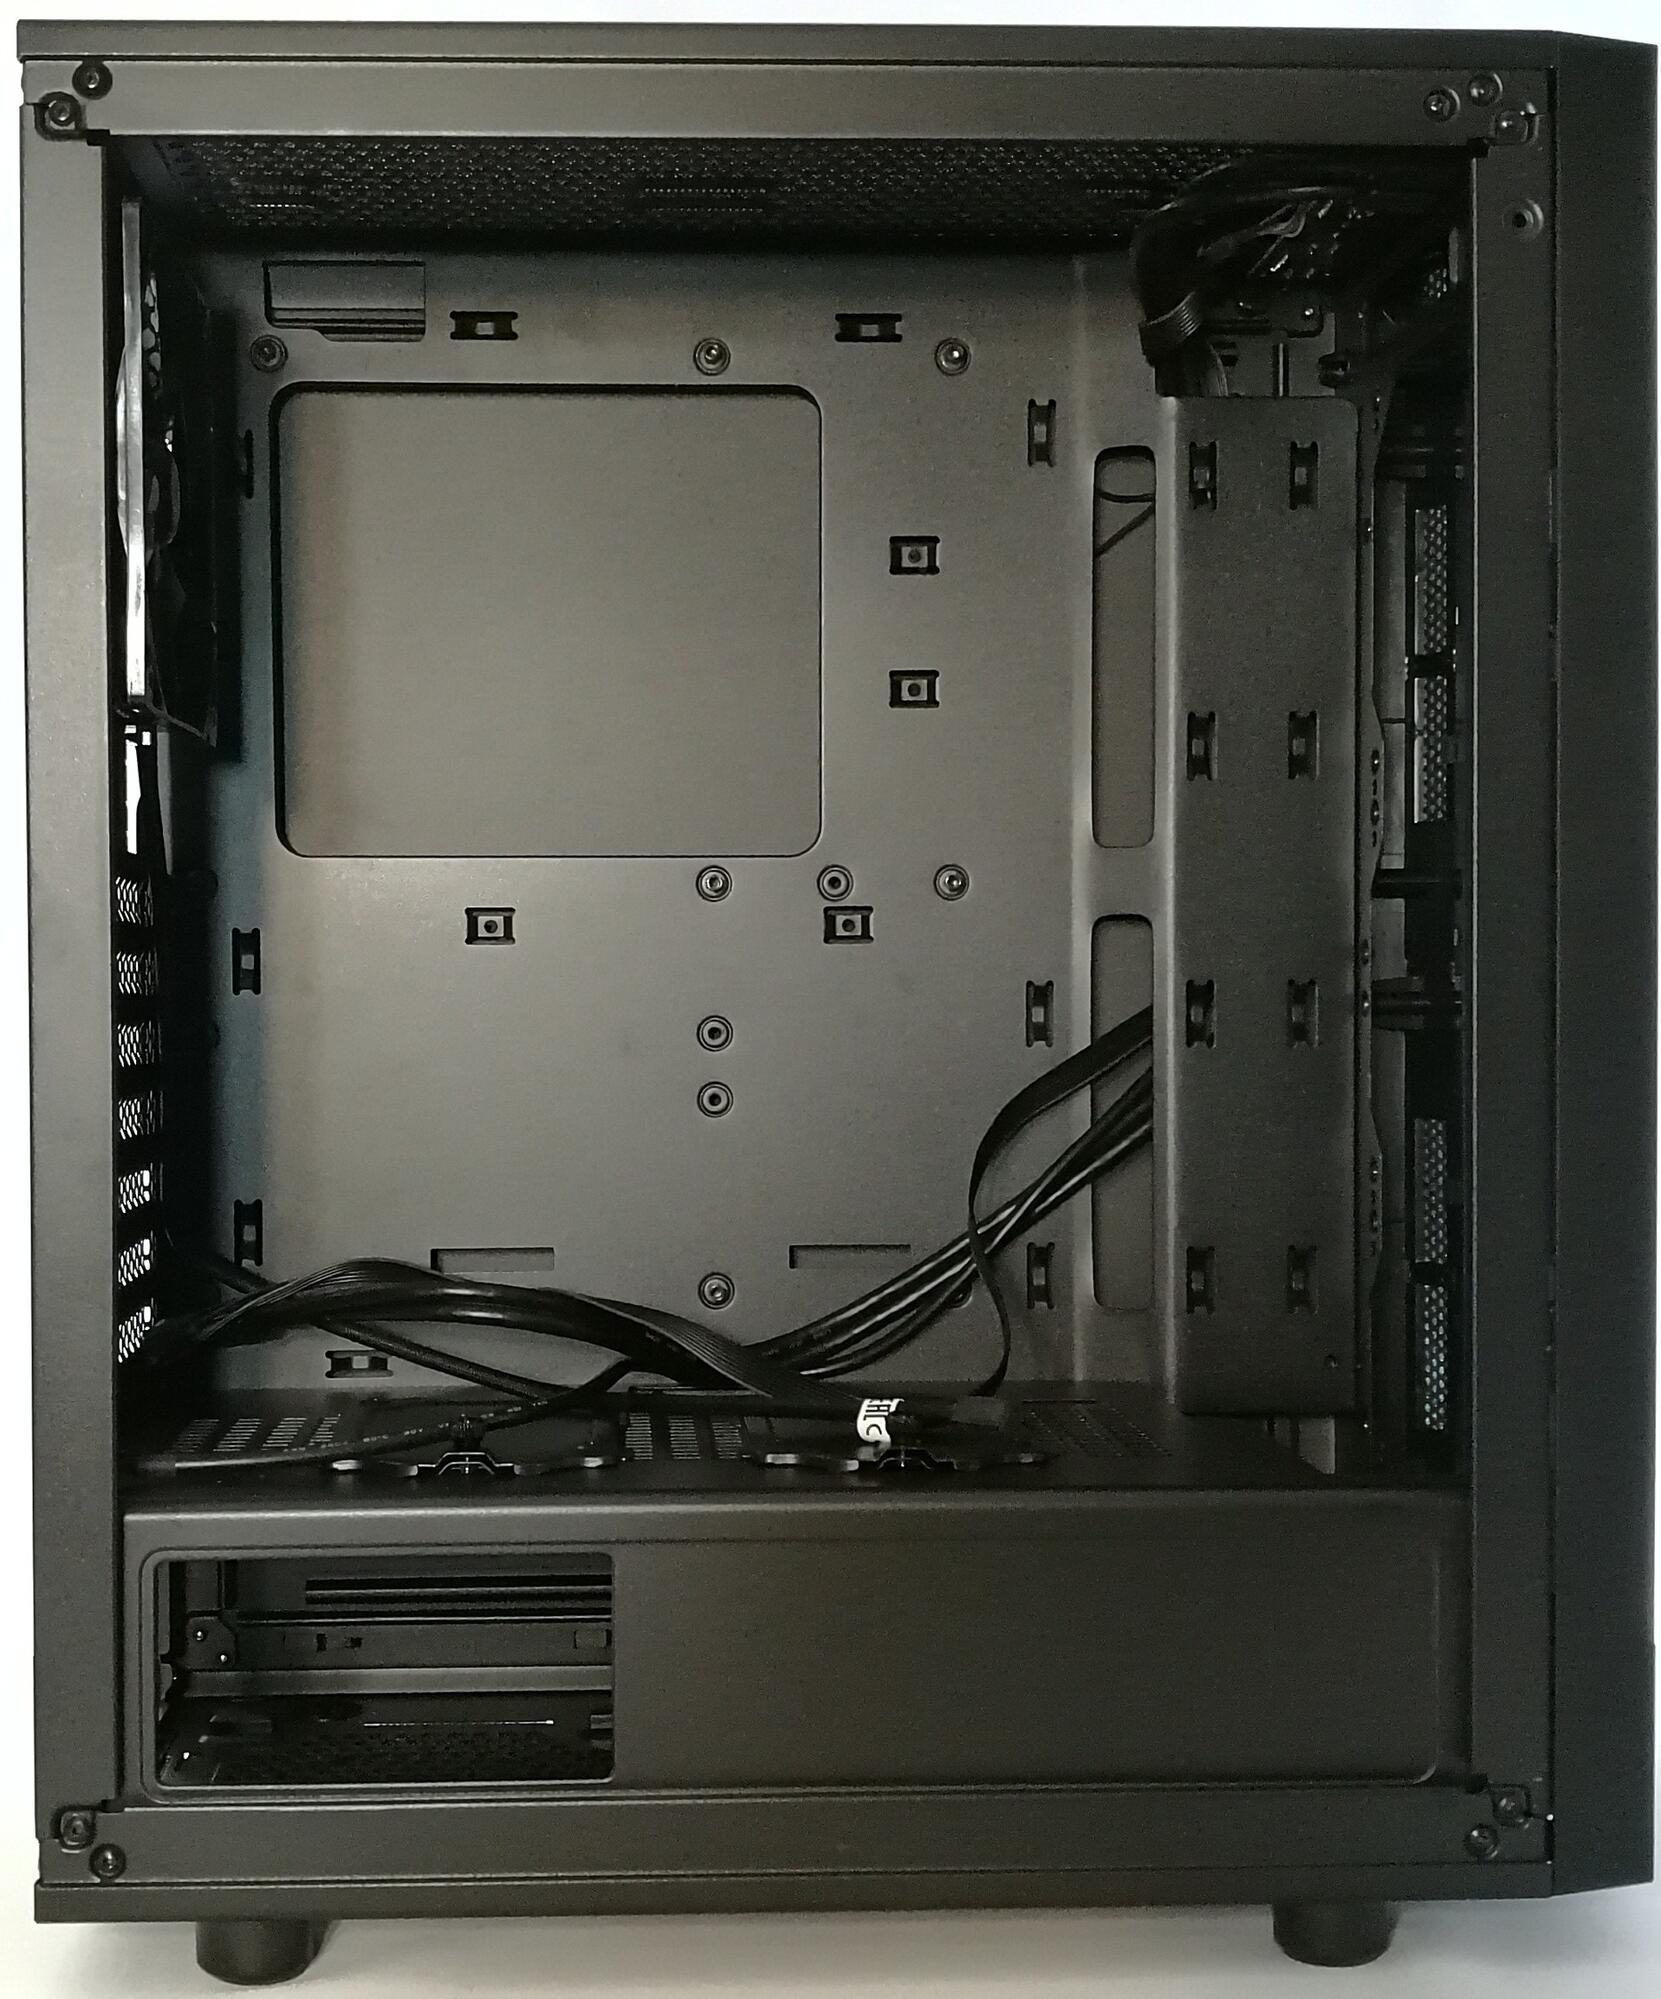 Kompyutery i komplektuyushcie - Thermaltake Versa J25 Tempered Glass Edition - vybor vitriny v tsifrovoy mir